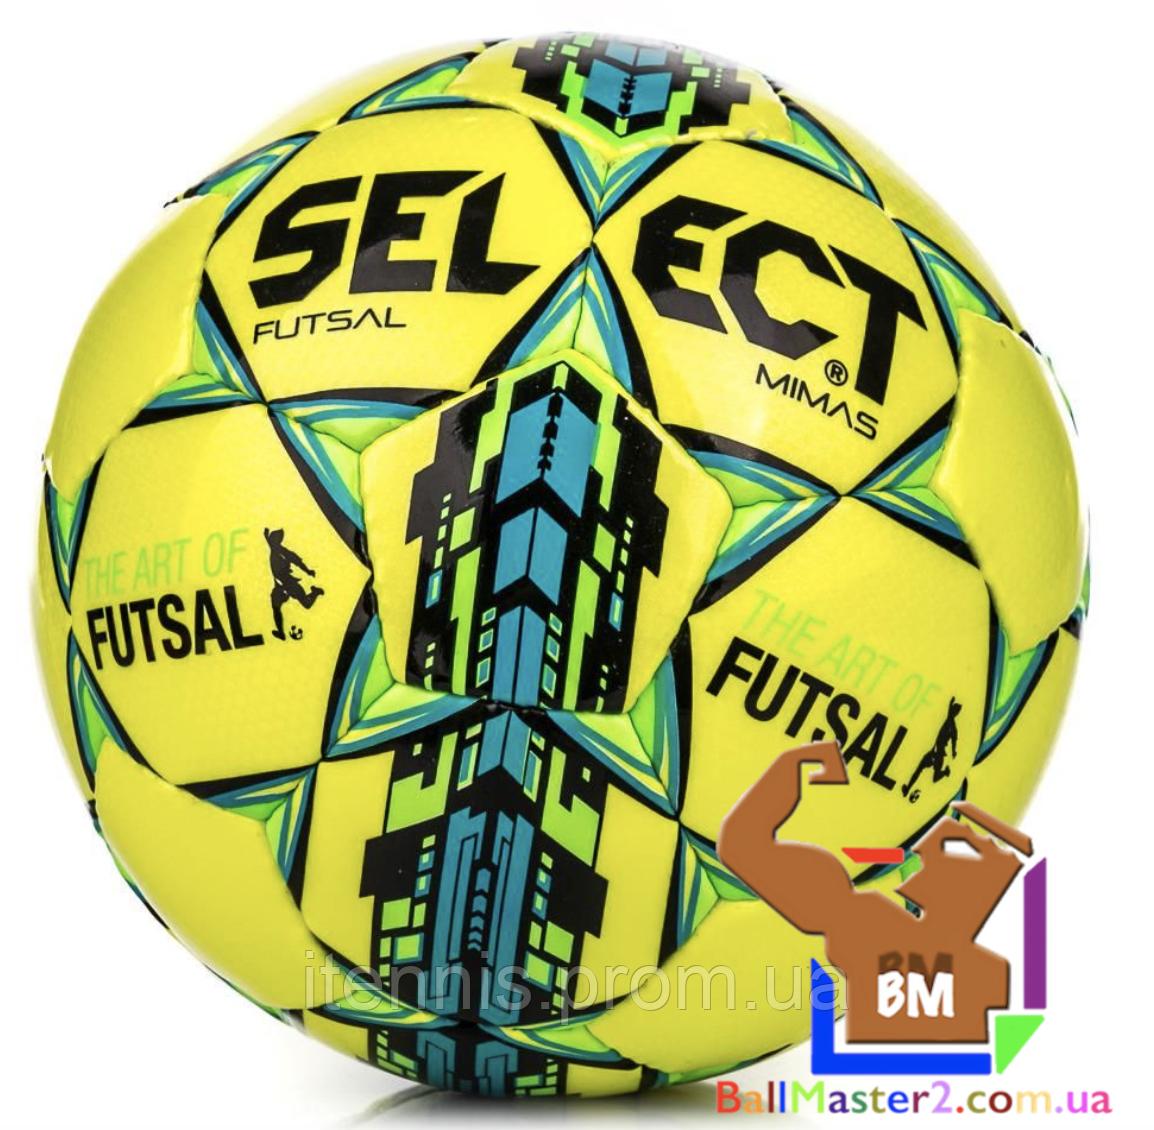 Футзальный мяч Select Futsal MIMAS (Y) NEW!